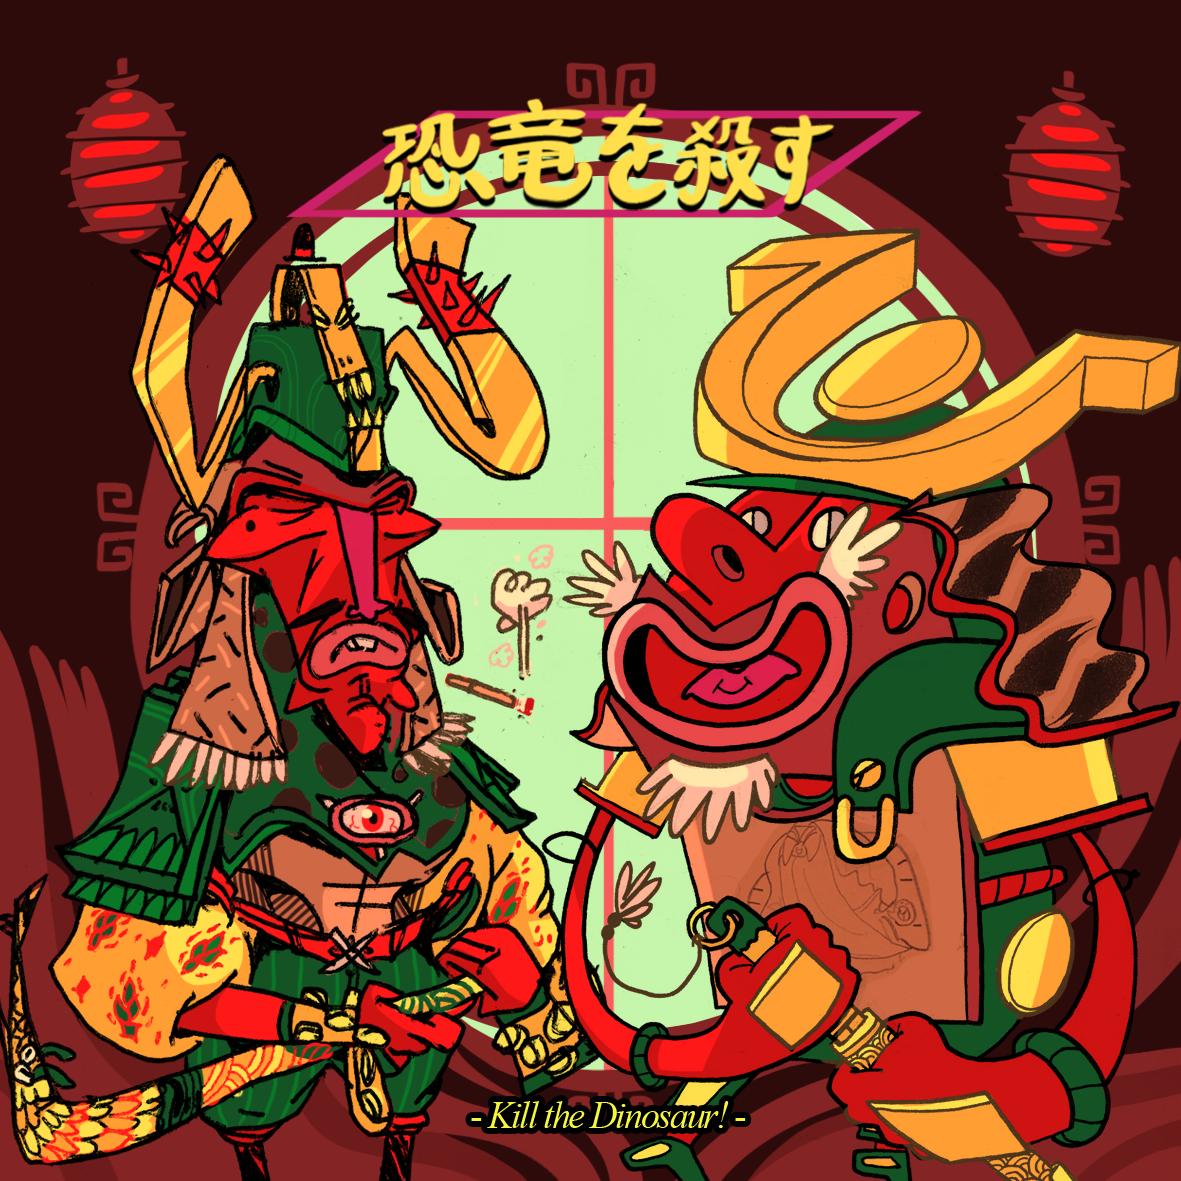 Samurai-sama